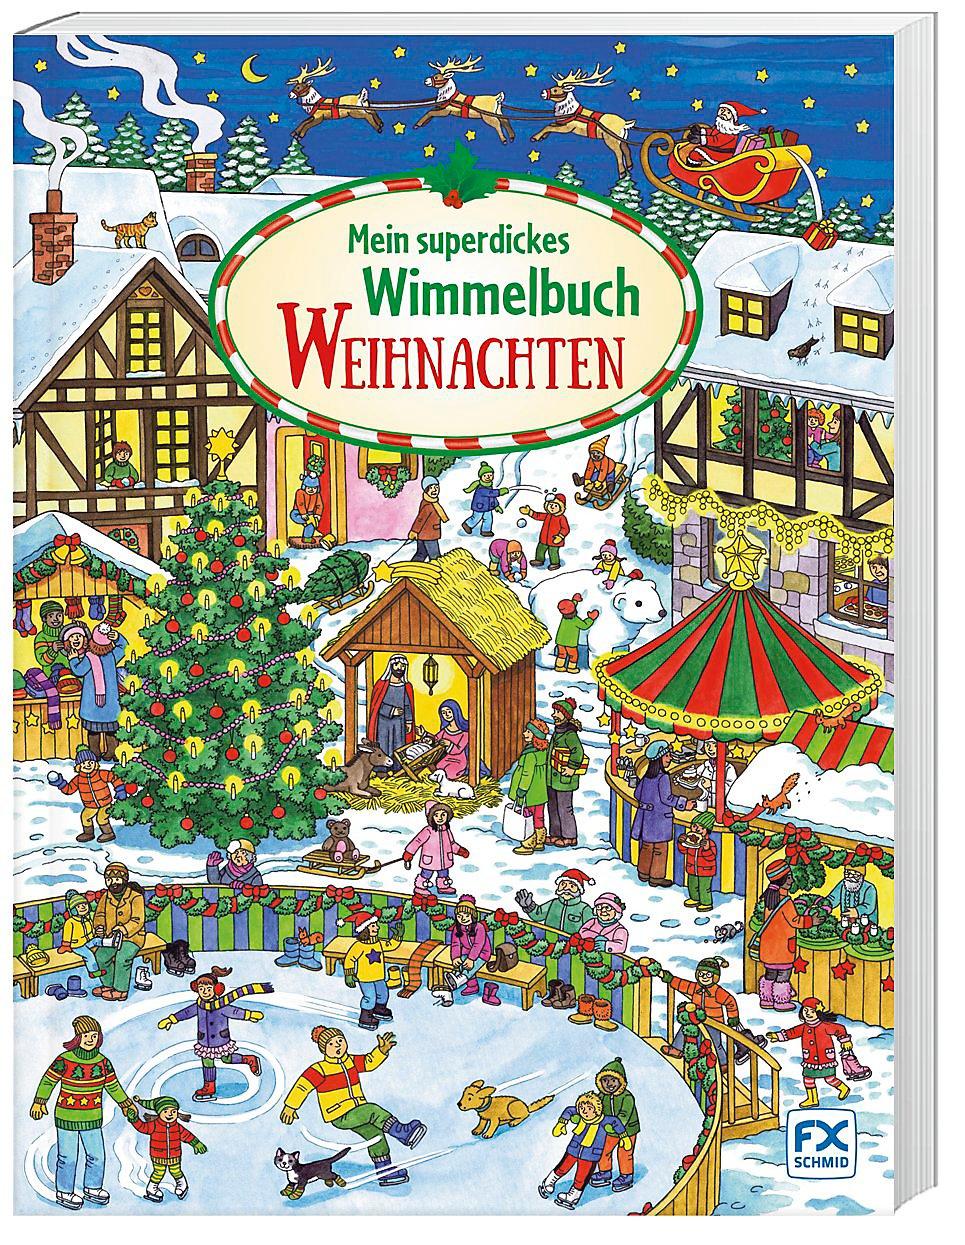 Wimmelbuch Weihnachten.Mein Superdickes Wimmelbuch Weihnachten Buch Weltbild De